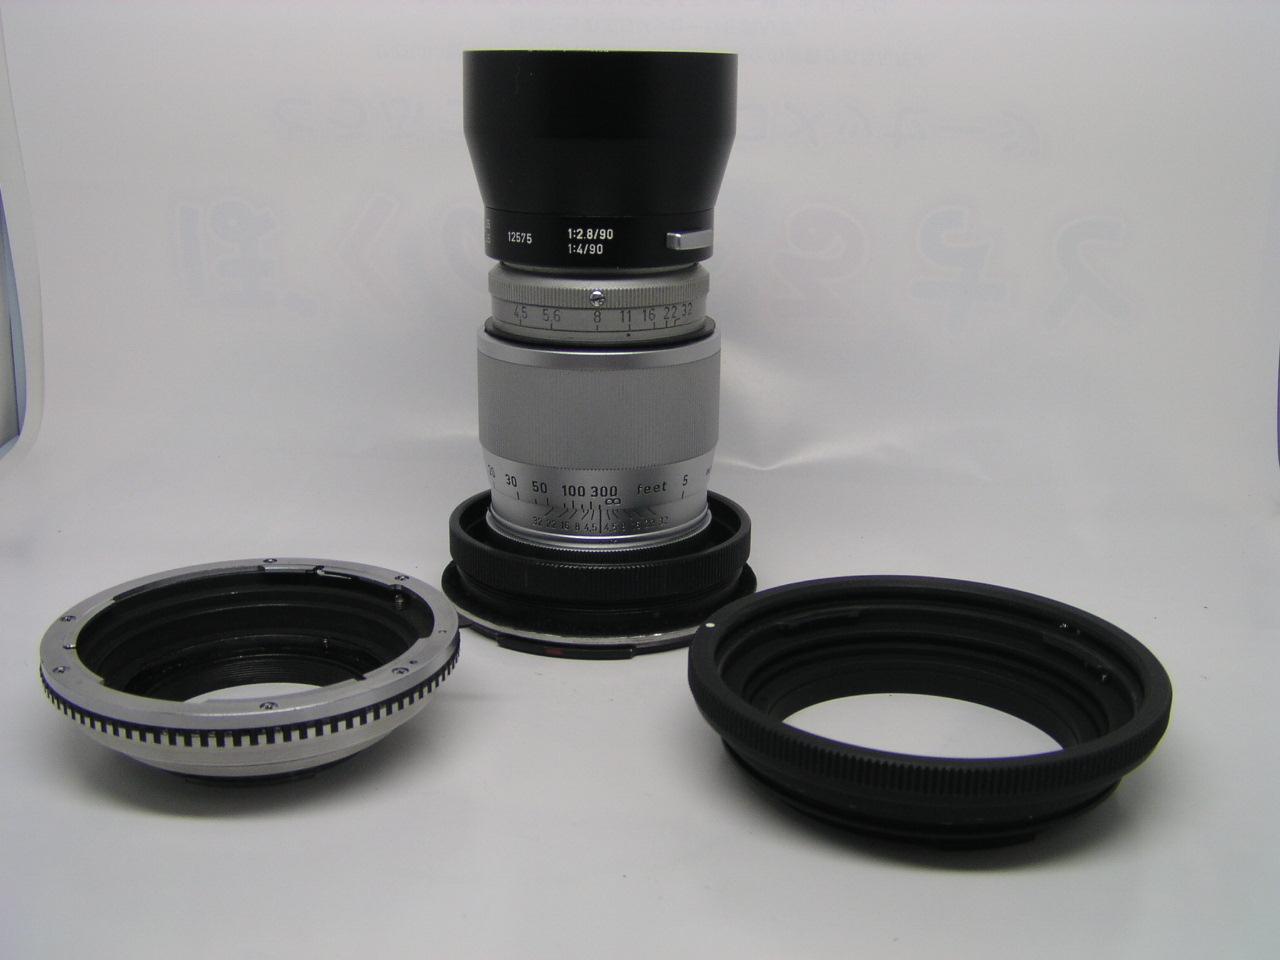 ライカビゾ用のレンズを各種カメラに活用*****キューちゃん_d0138130_1625113.jpg